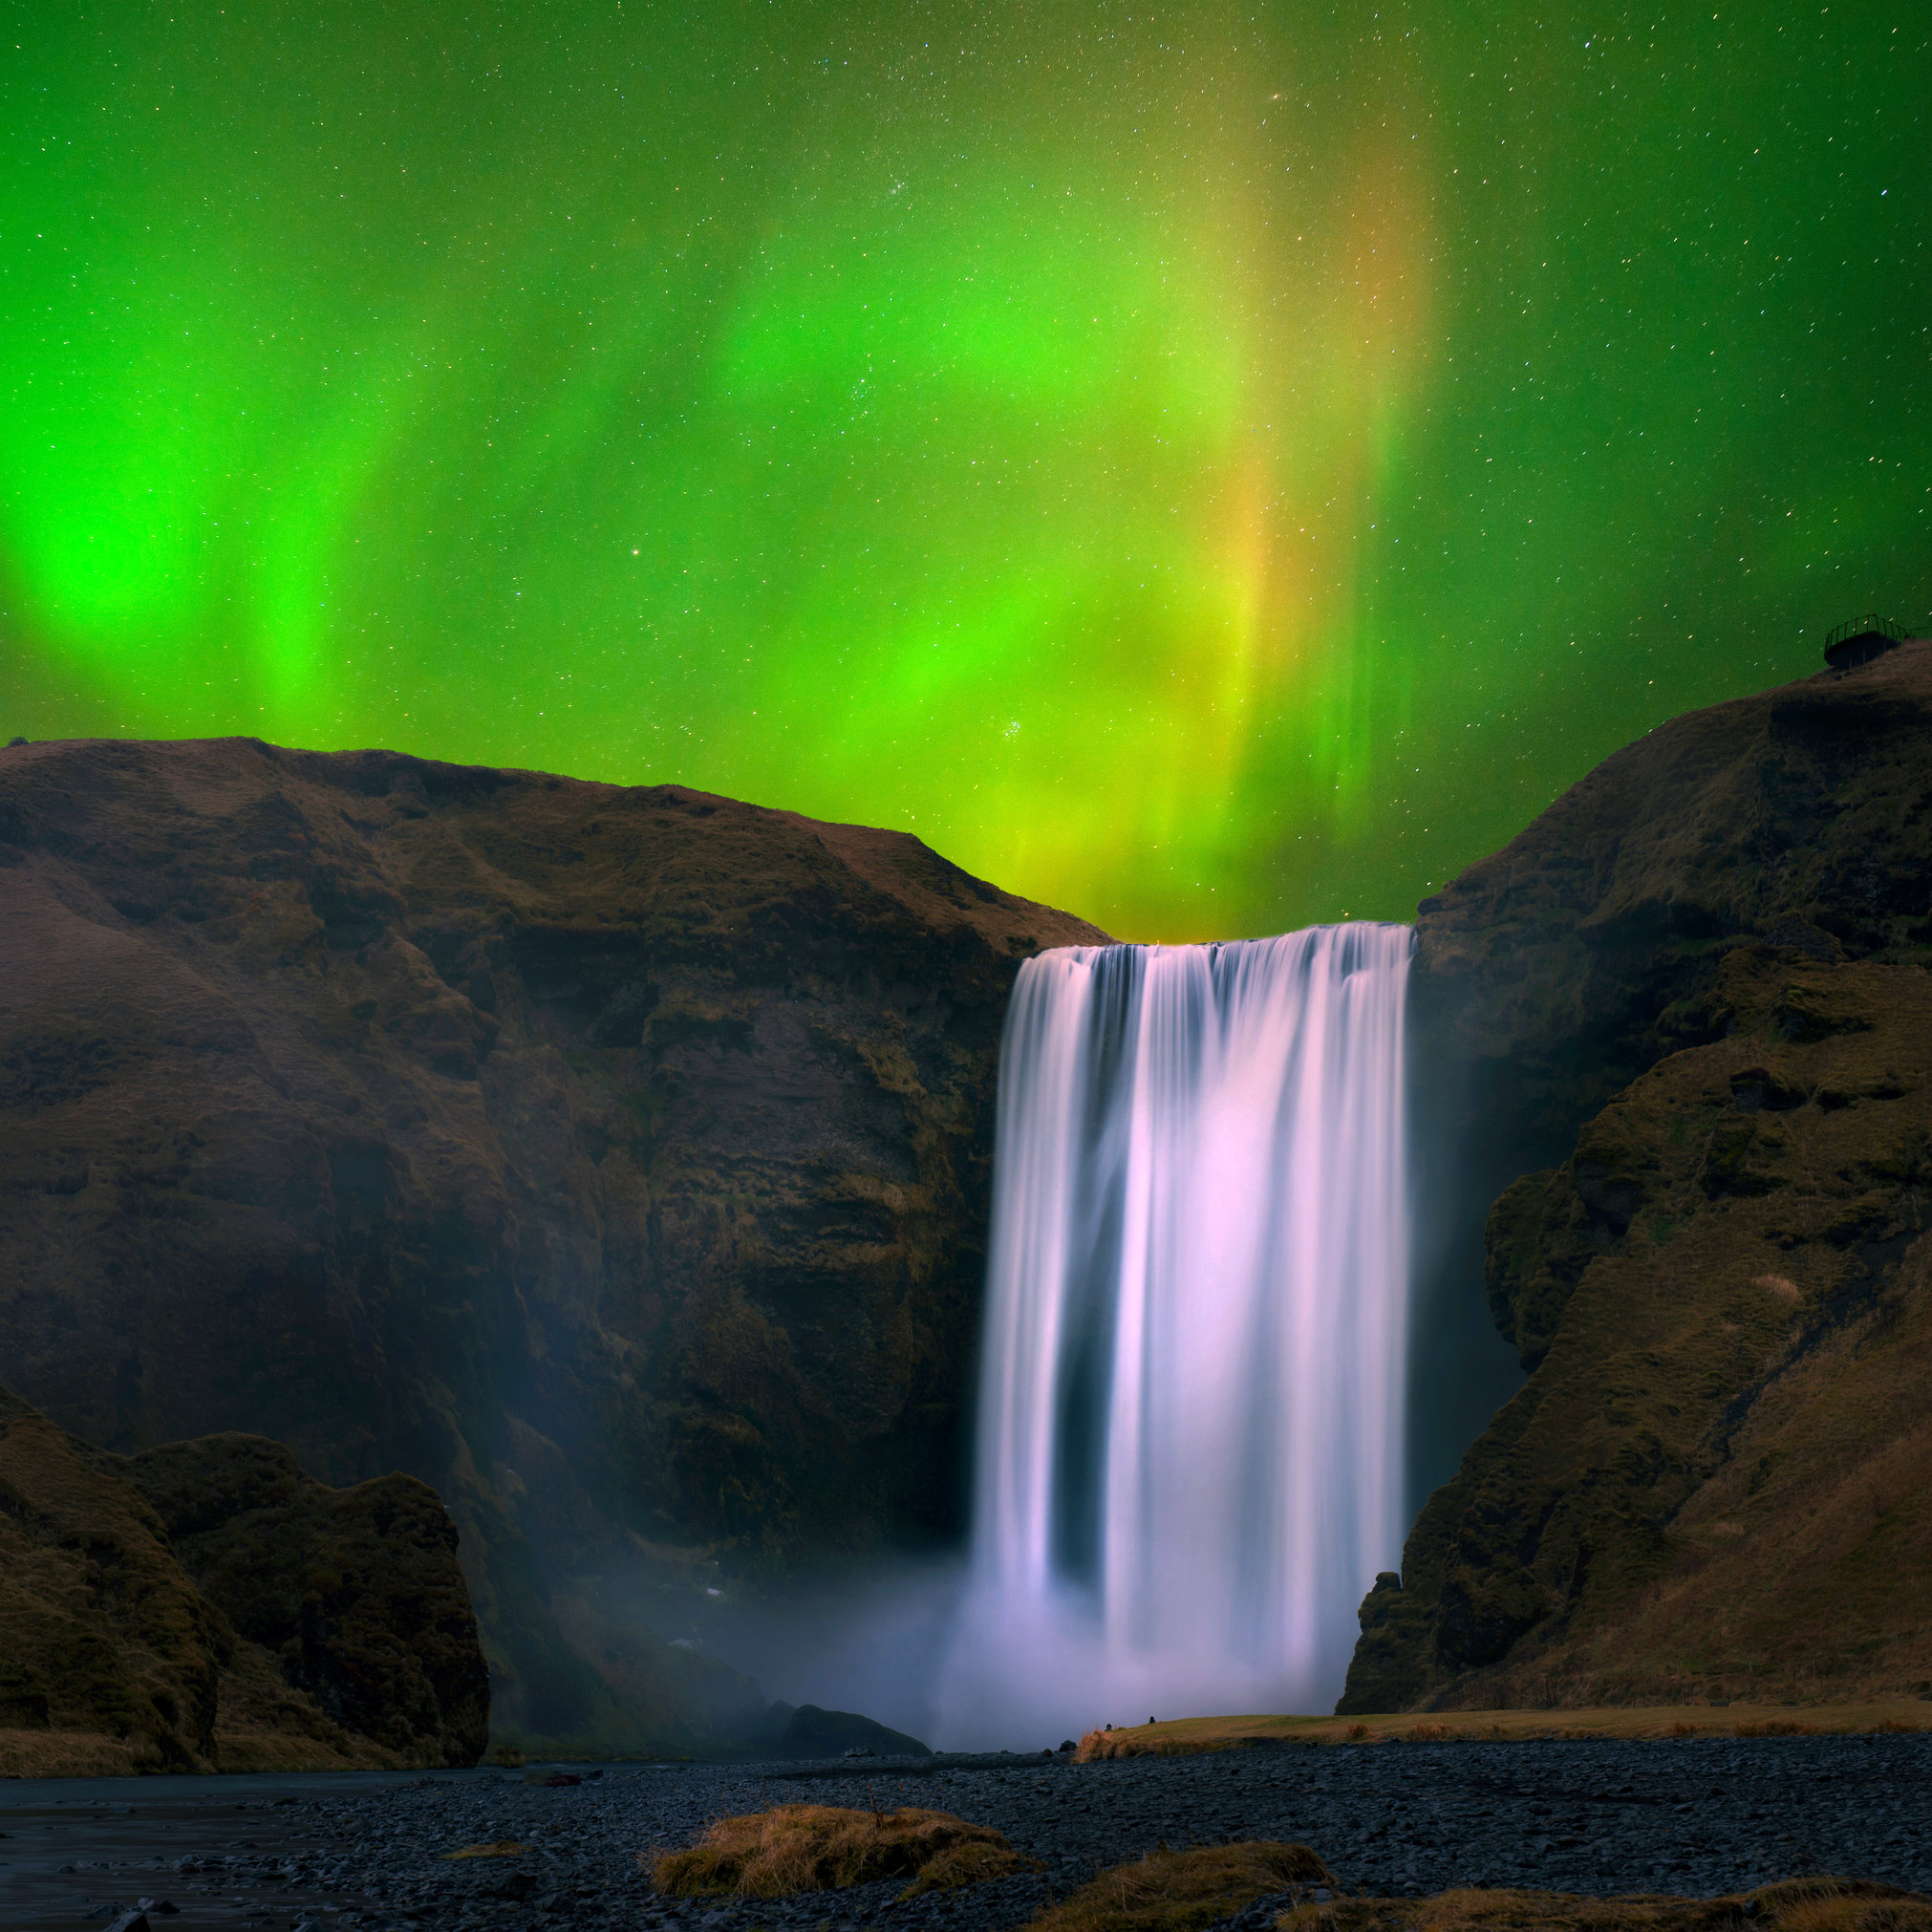 アイスランドの南海岸にある名瀑、スコゥガフォスの滝